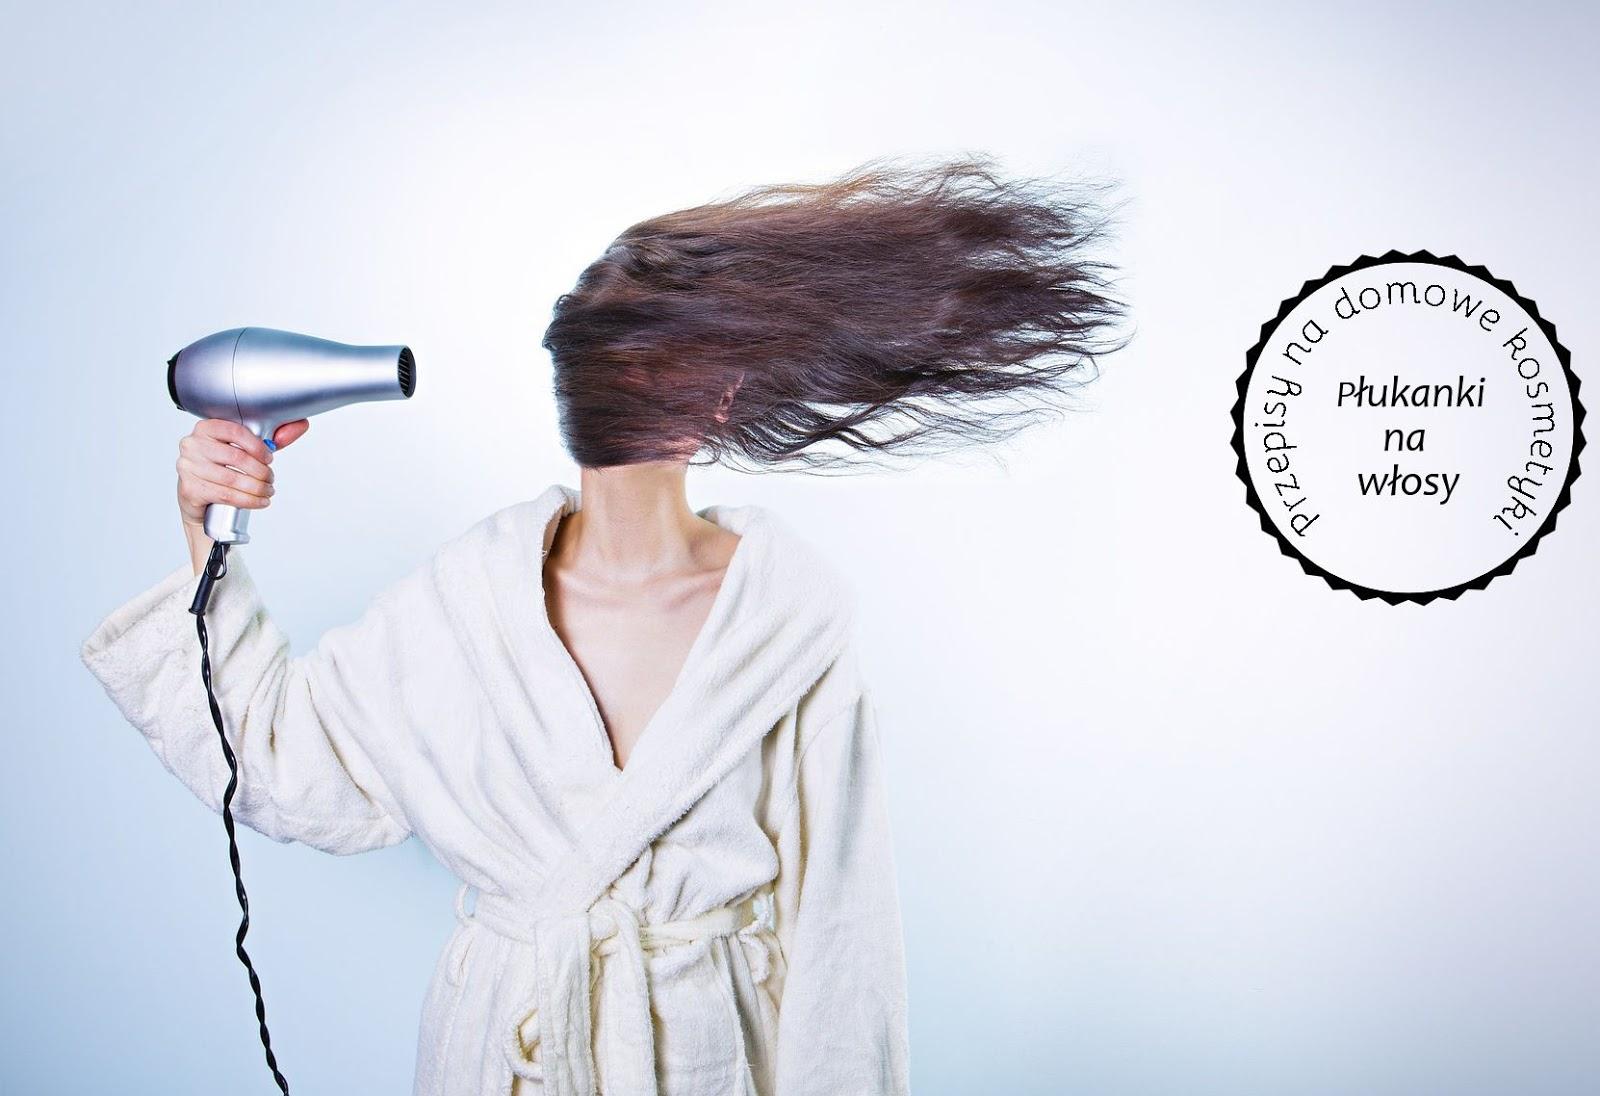 Przepisy na domowe kosmetyki : Domowe płukanki do włosów